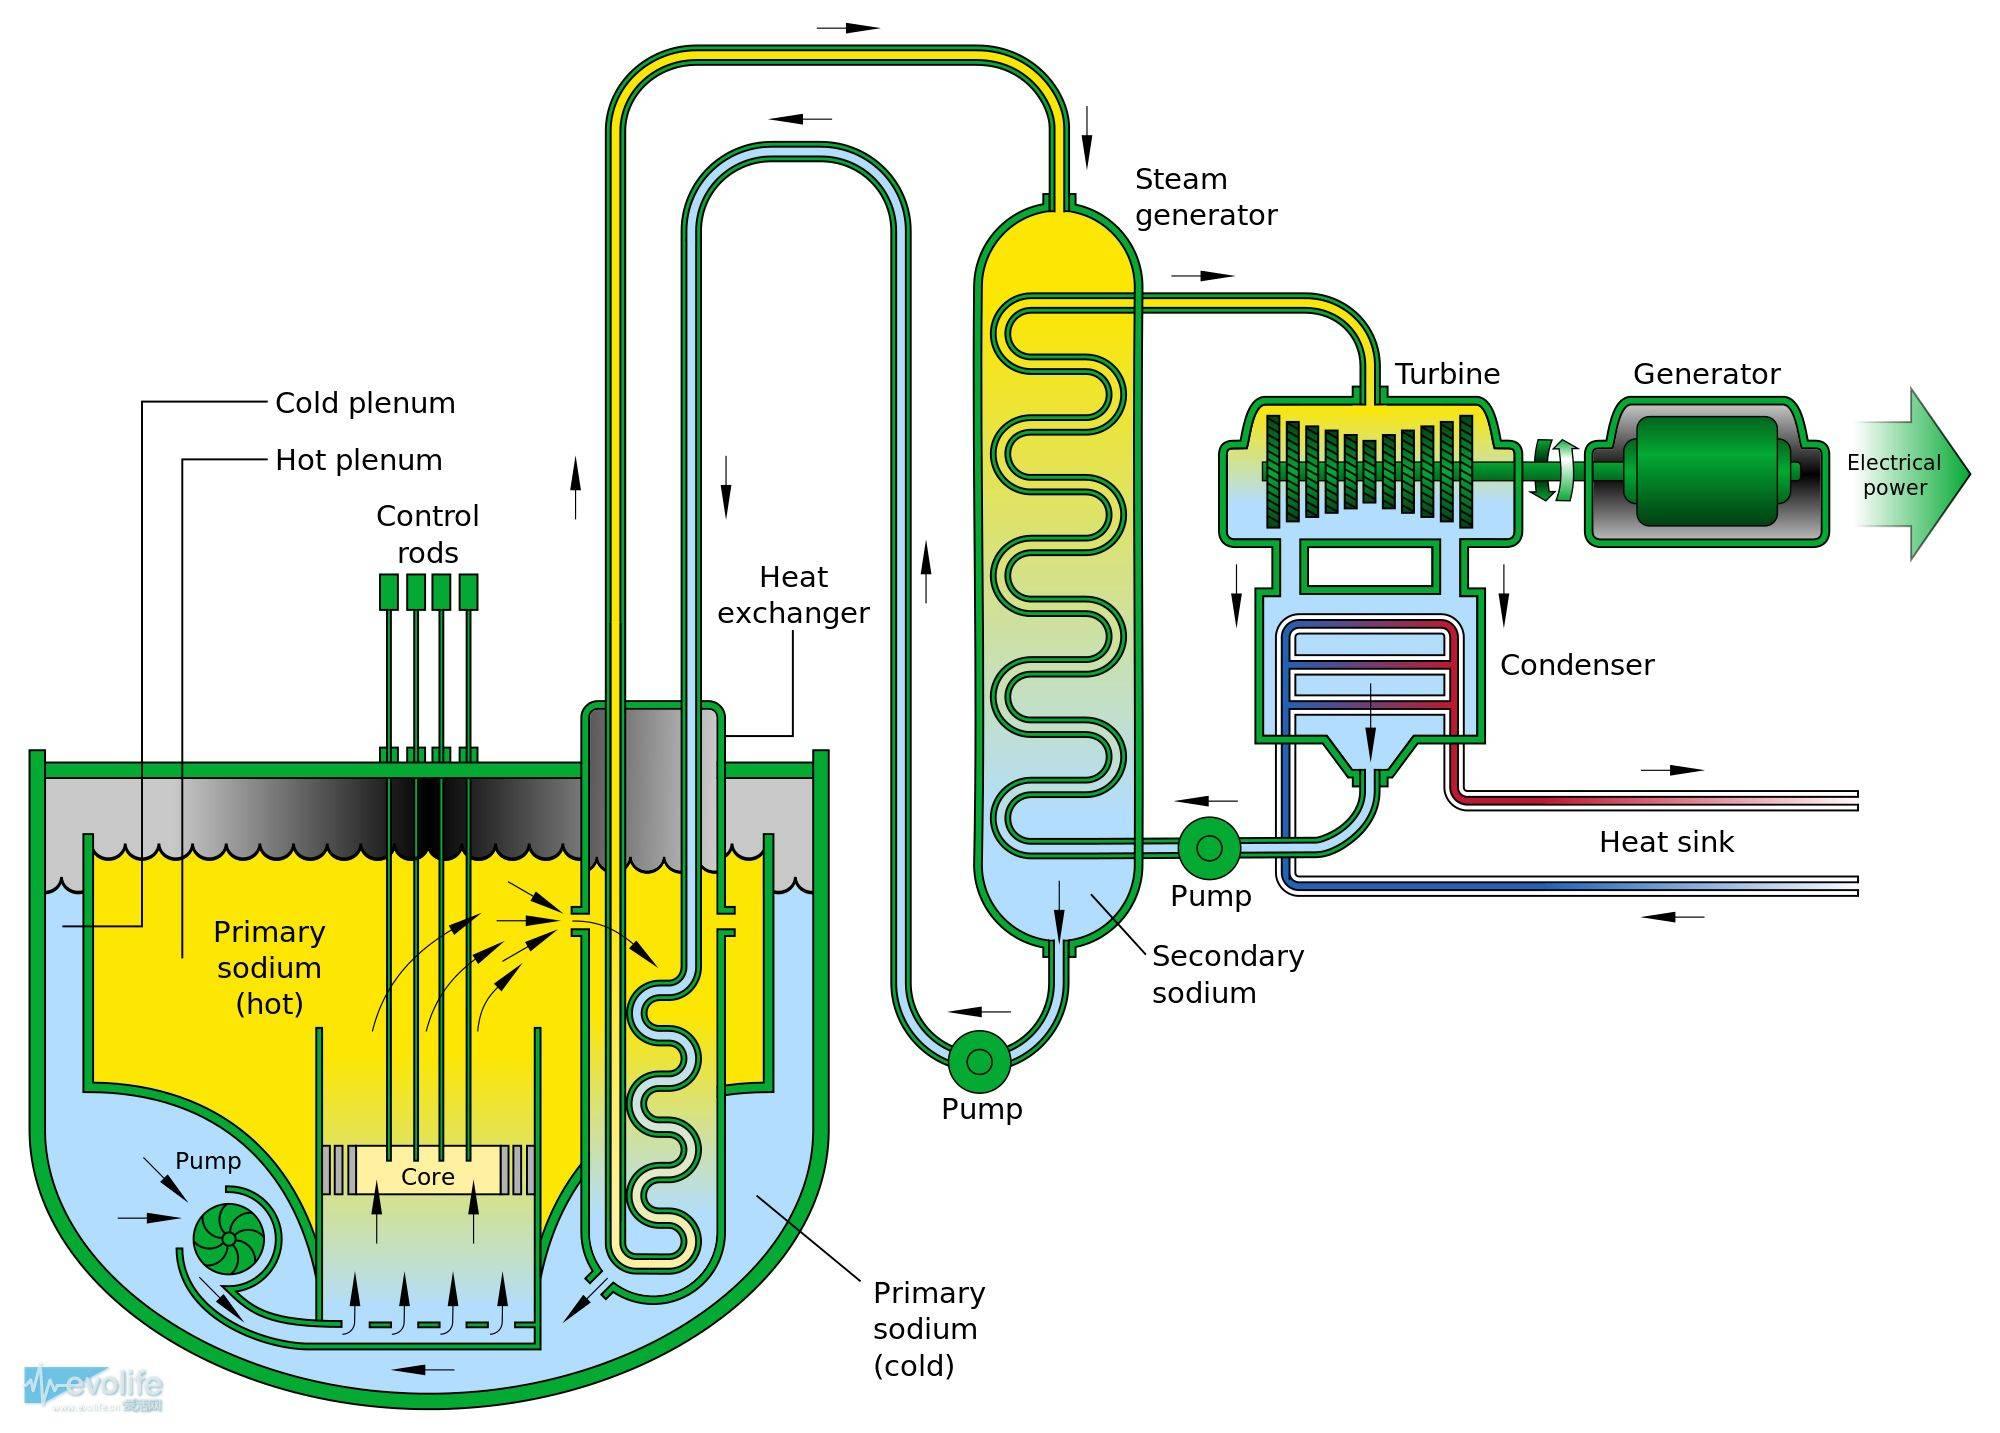 俄企签署核电机组供应核燃料合同 在中国建设快中子反应堆